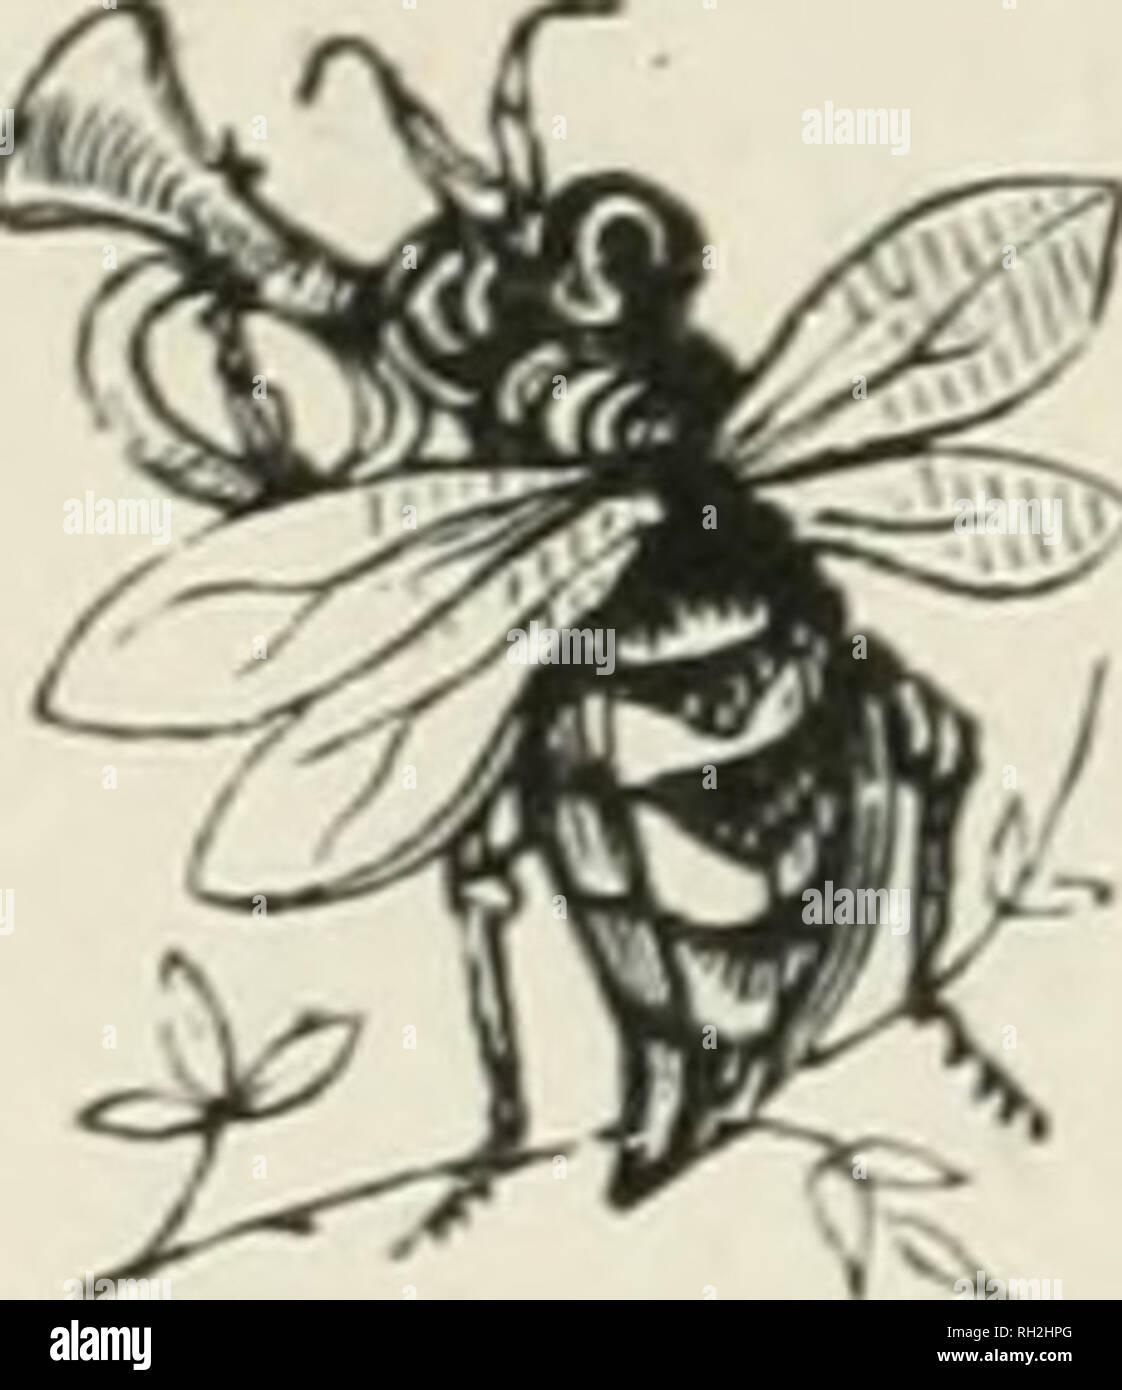 . Britische Biene des Tierhalters Führer für das Management der Bienen in beweglichen - Kamm Nesselsucht, und der Einsatz von modernen Biene-Appliances. Illustriert. Biene Kultur. Marke!. Bitte beachten Sie, dass diese Bilder sind von der gescannten Seite Bilder, die digital für die Lesbarkeit verbessert haben mögen - Färbung und Aussehen dieser Abbildungen können nicht perfekt dem Original ähneln. extrahiert. Cowan, T. W. (Thomas William), 1840-1926. London, Madgwick, Houlston Stockbild